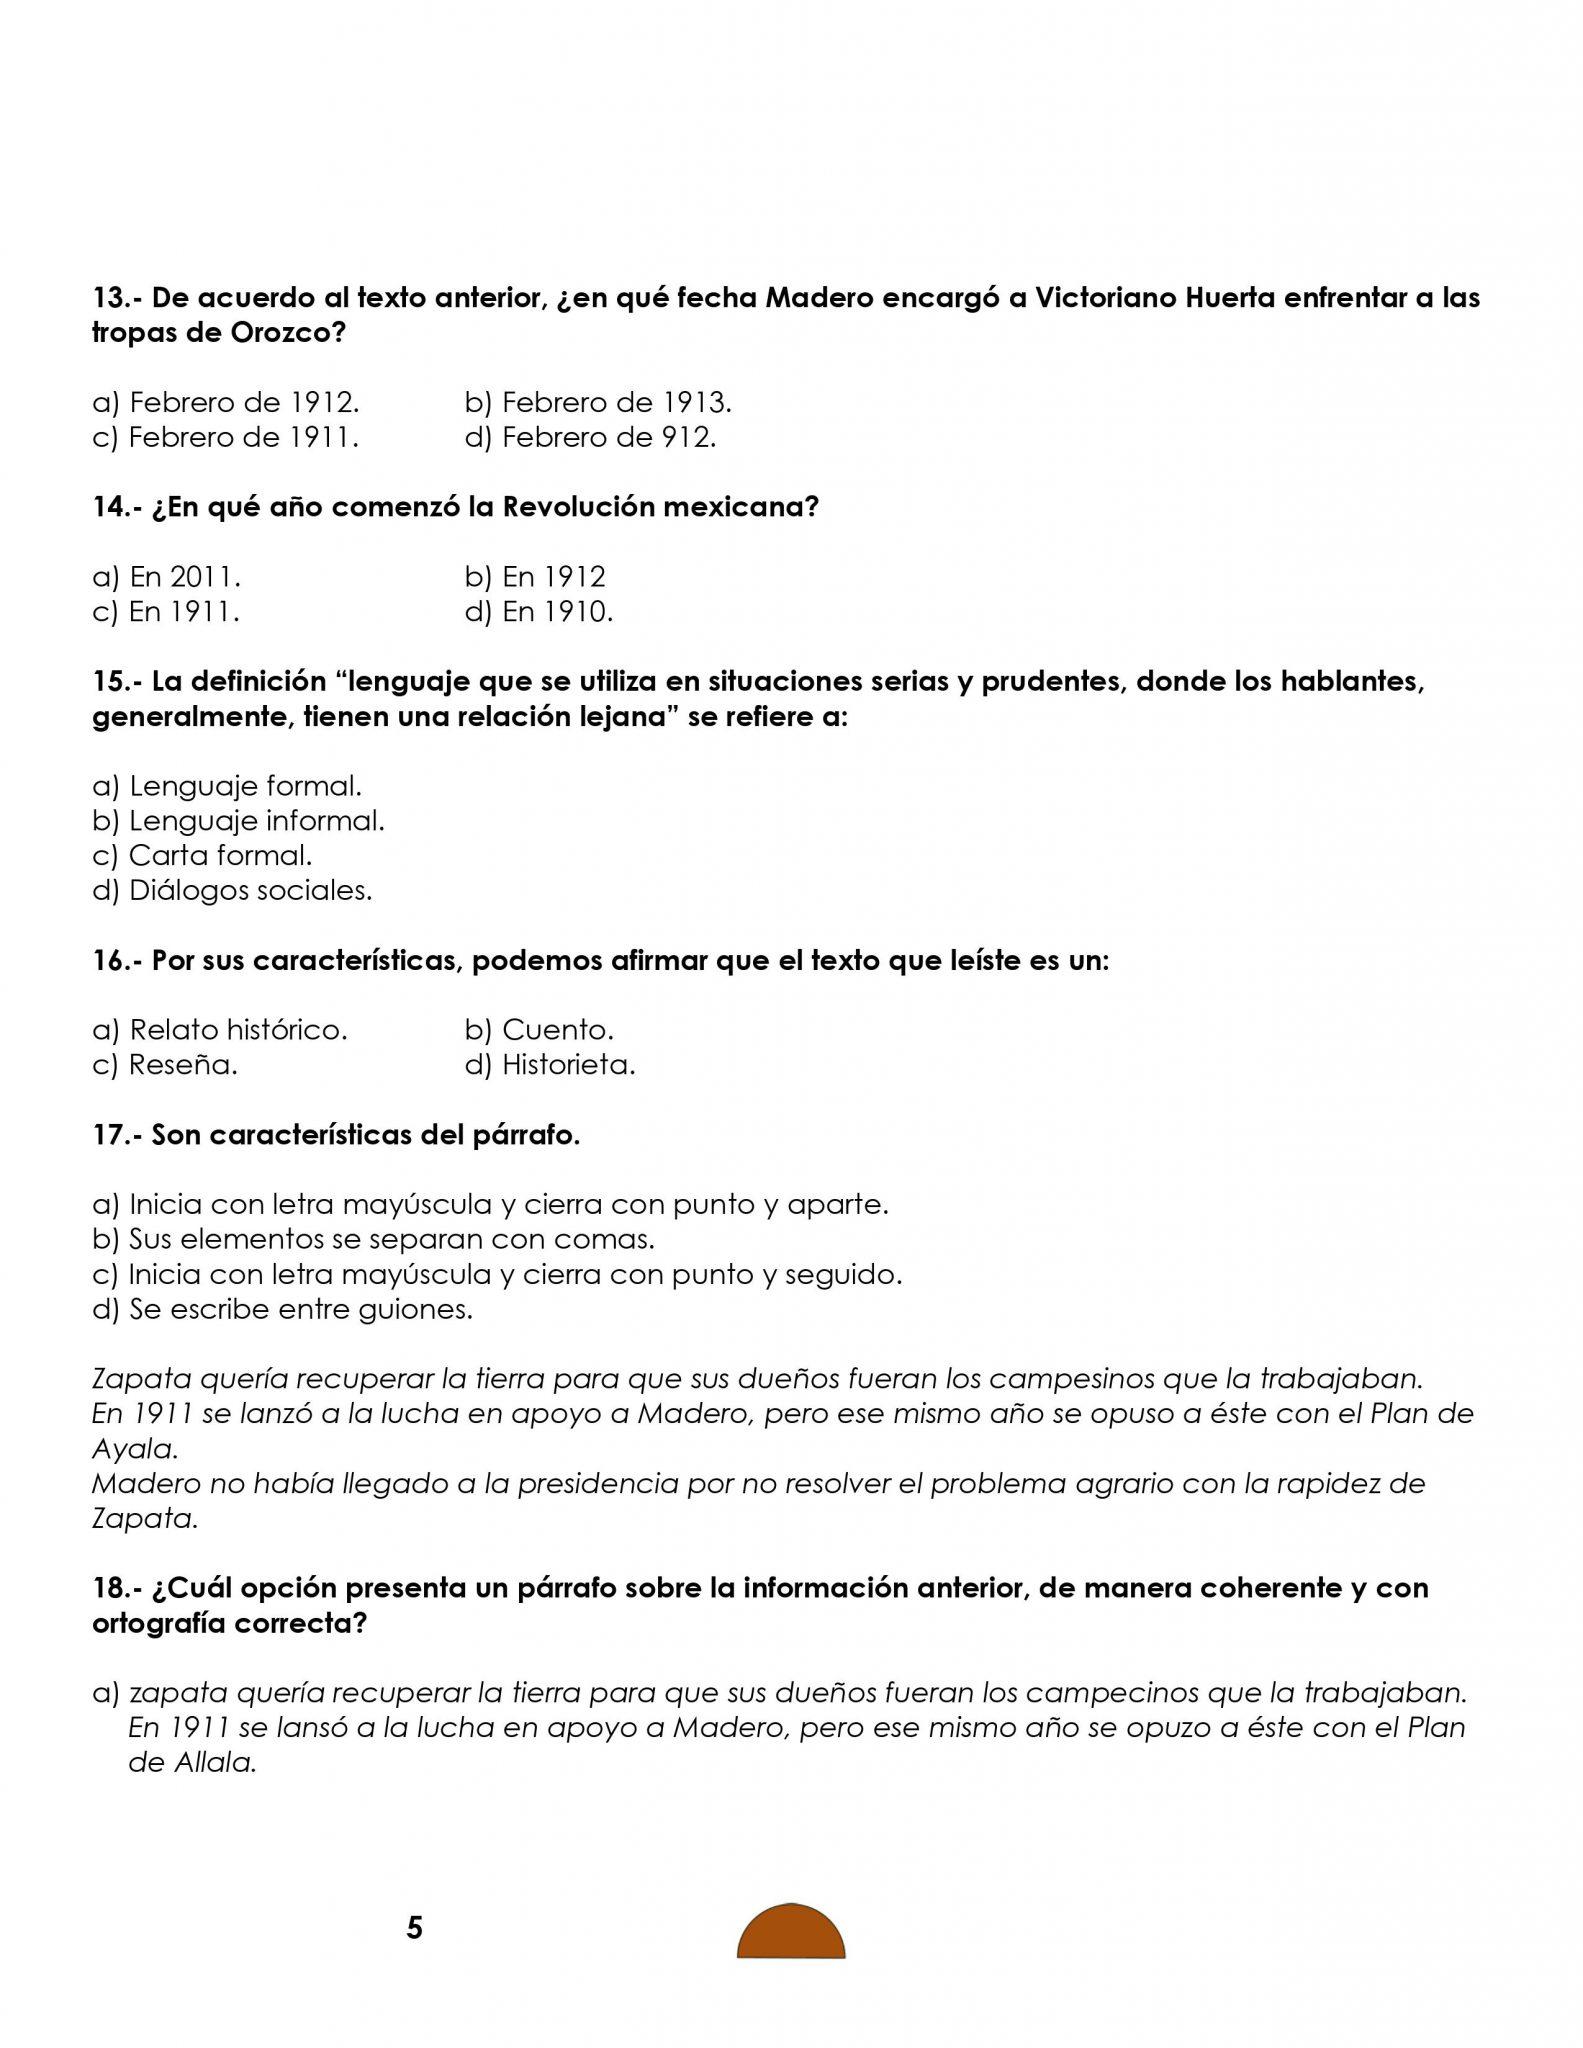 Ejemplo examenes 6to grado 04